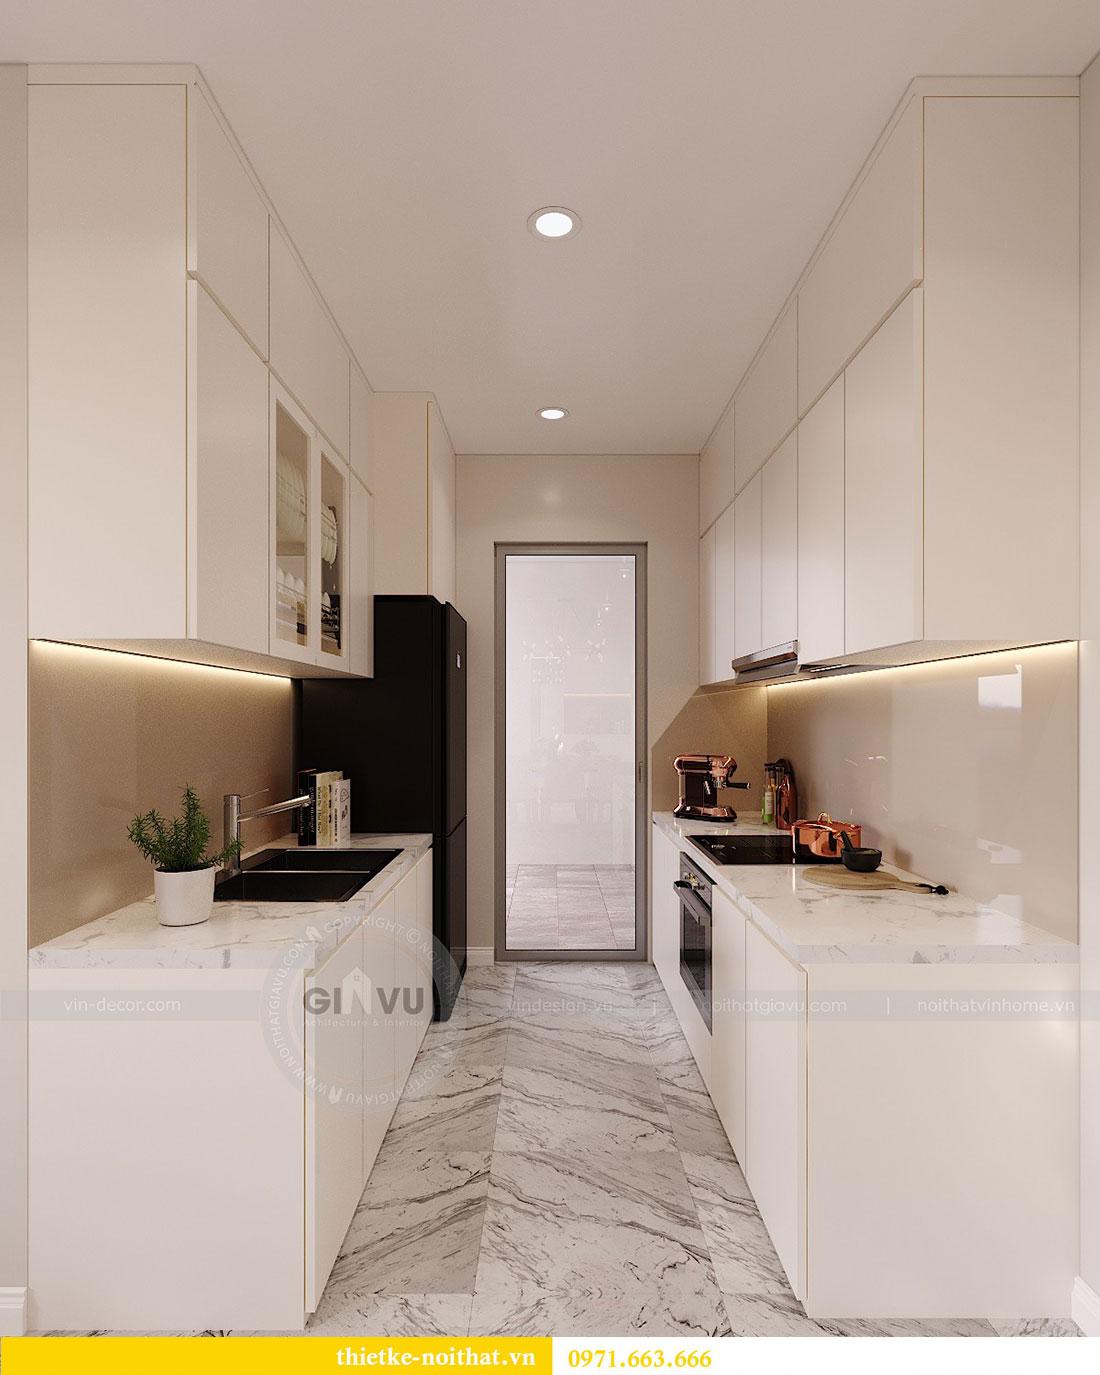 Thiết kế nội thất căn hộ 10 tòa C3 chung cư Dcapitale - anh Kiên 5